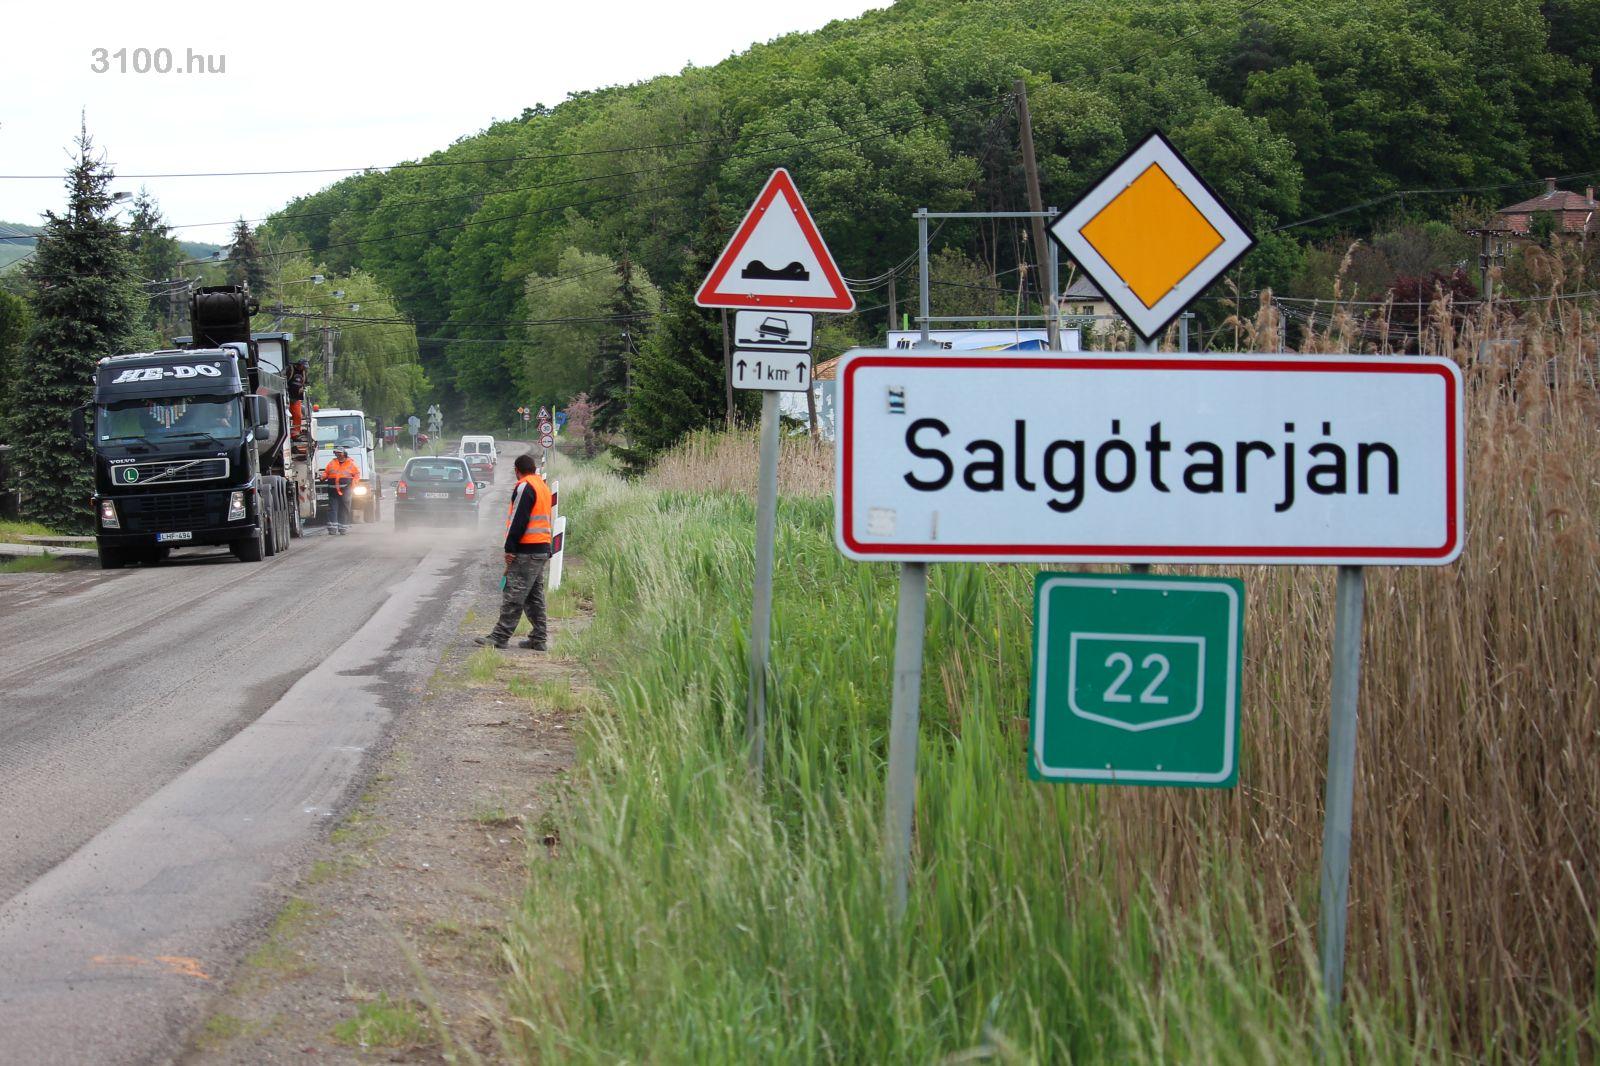 3100.hu Fotó: A 22-es számú főúton tavaly és idén is több szakasz megújult, 2018-ban az eddig nem érintett kilométerszelvényekben folytatódik a munka